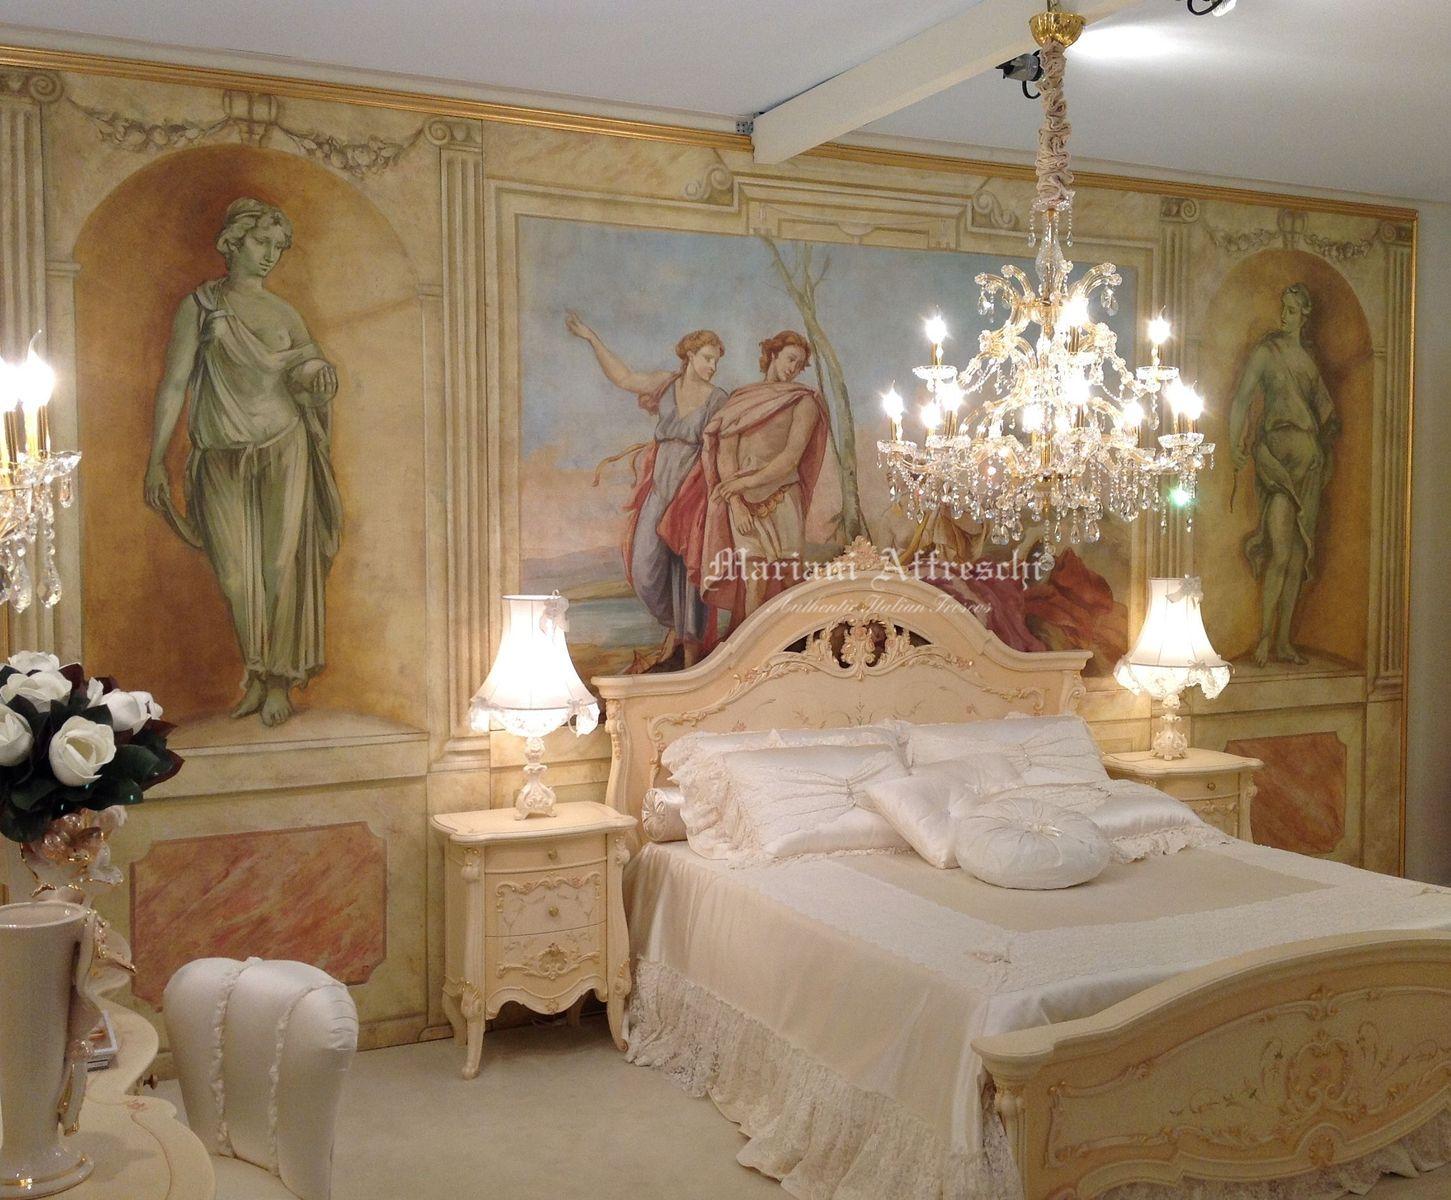 Il blog dell 39 affresco immagini e notizie dal salone del - Camera da letto del papa ...